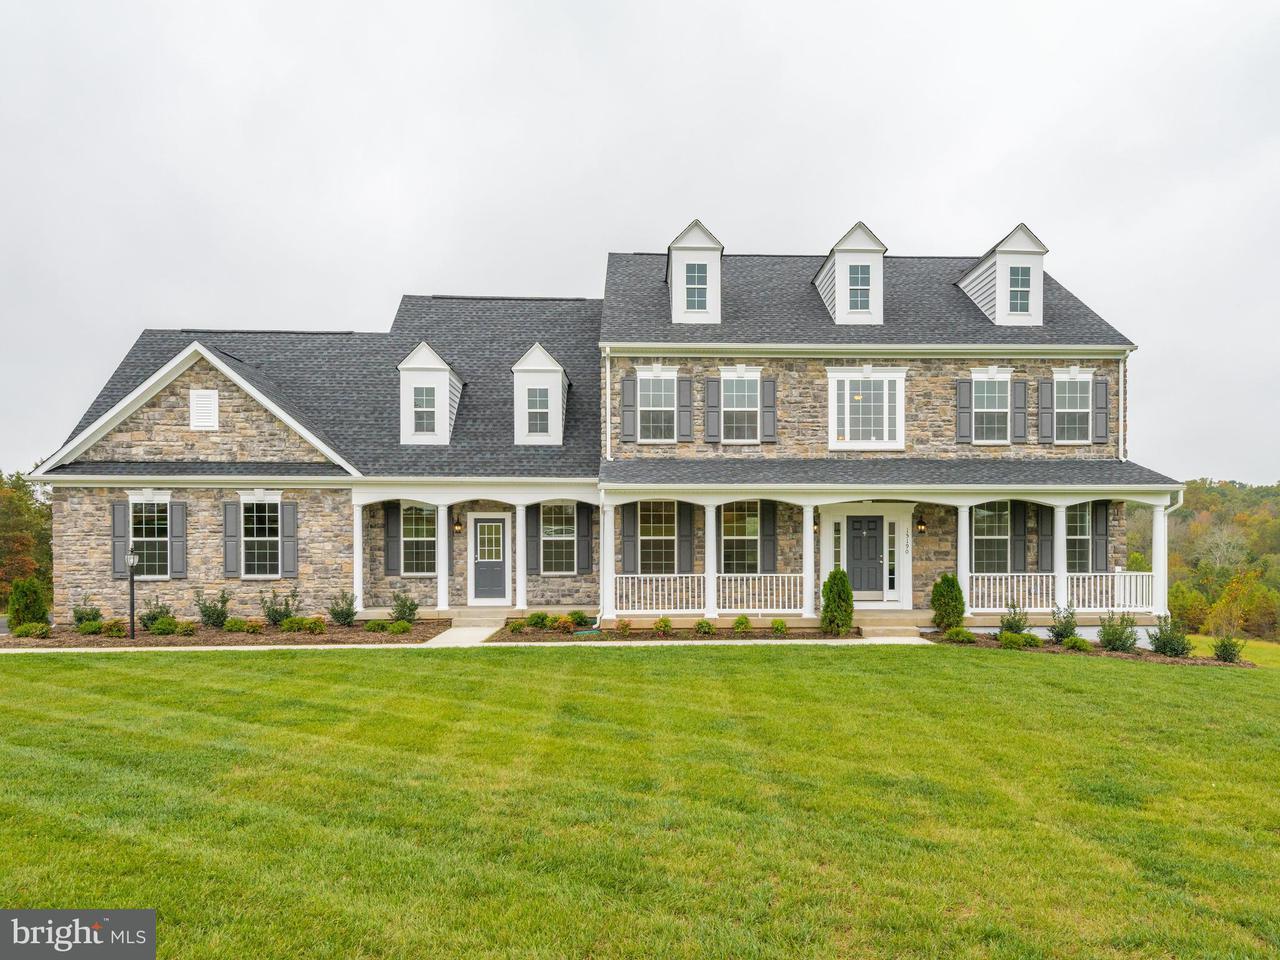 Vivienda unifamiliar por un Venta en 15190 OMEGA Court 15190 OMEGA Court Waterford, Virginia 20197 Estados Unidos